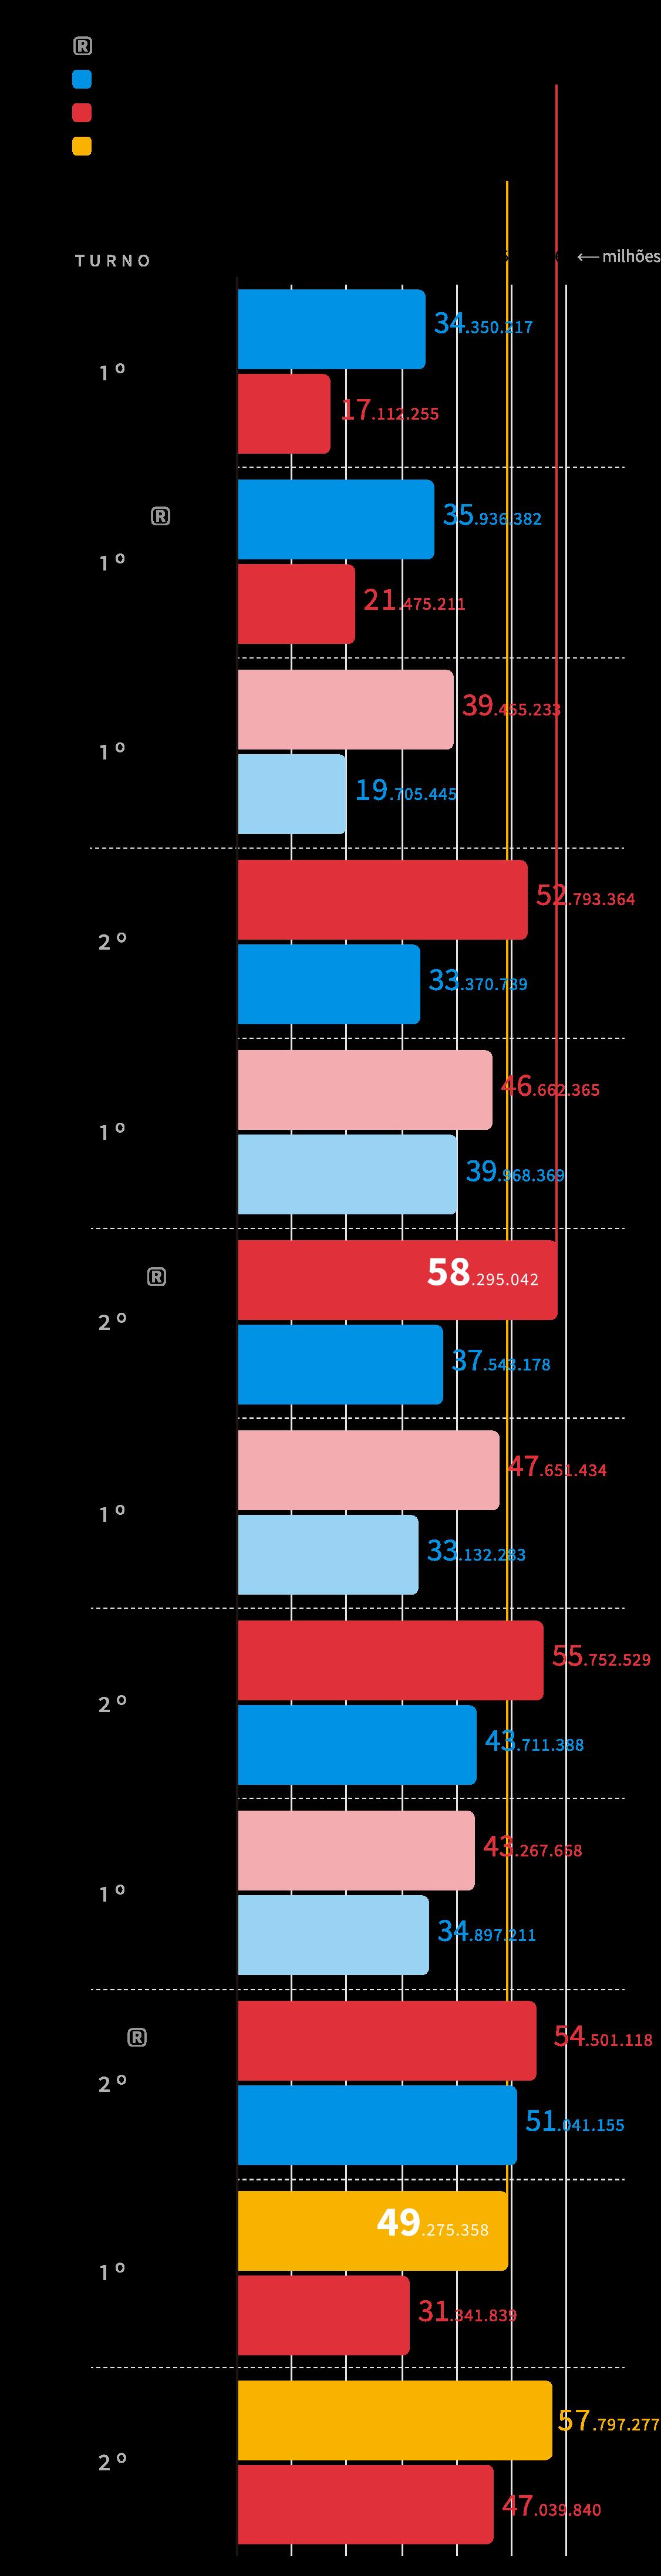 Infográfico: histórico de número de votos válidos nas eleições presidenciais de 1994 a 2018